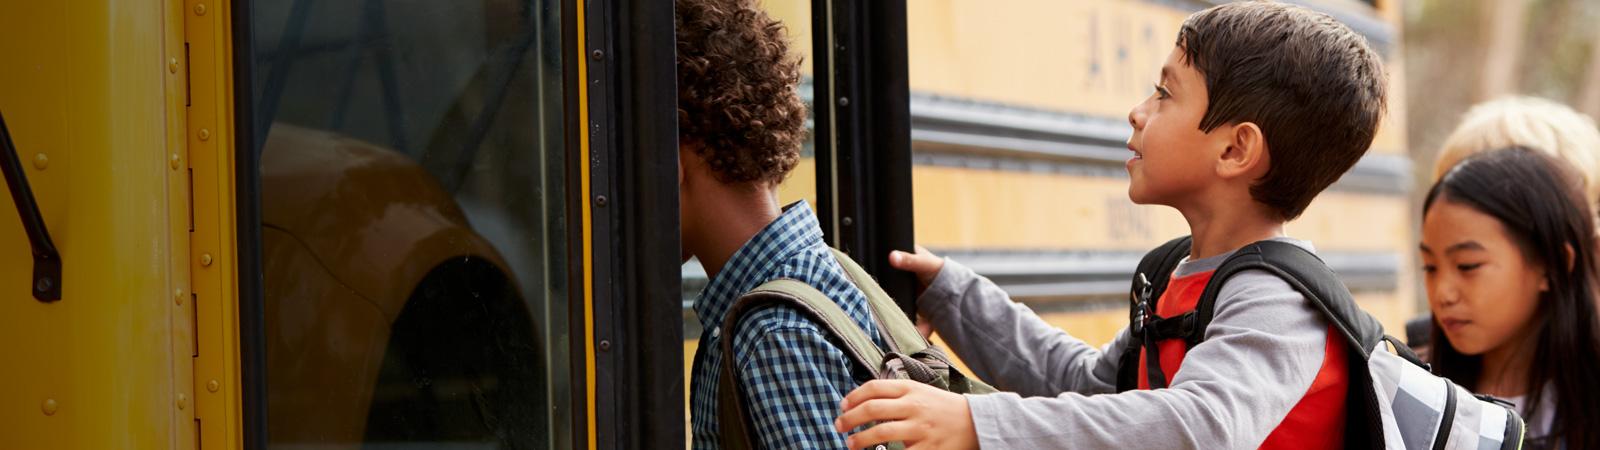 Children get onto a school bus